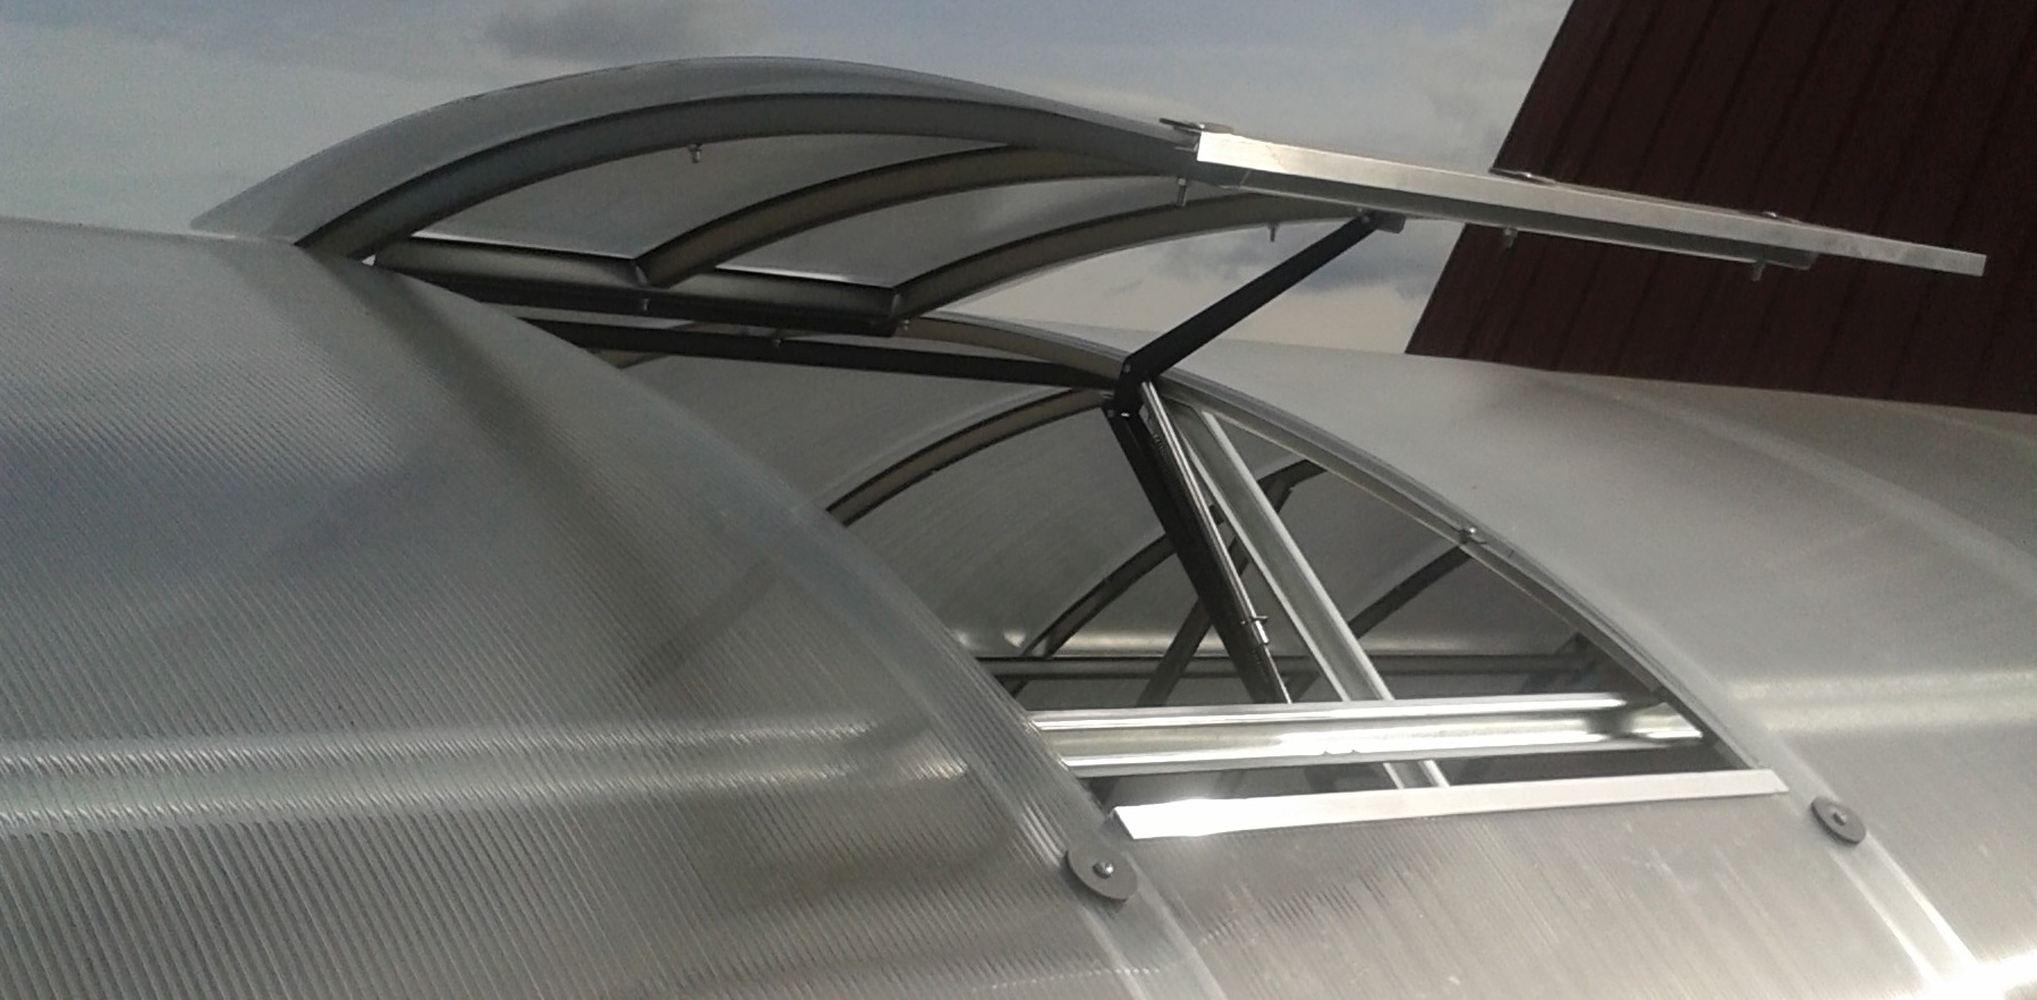 Gew chshaus dachfenster preisvergleiche - Gardinen fa r fenster mit heizung ...